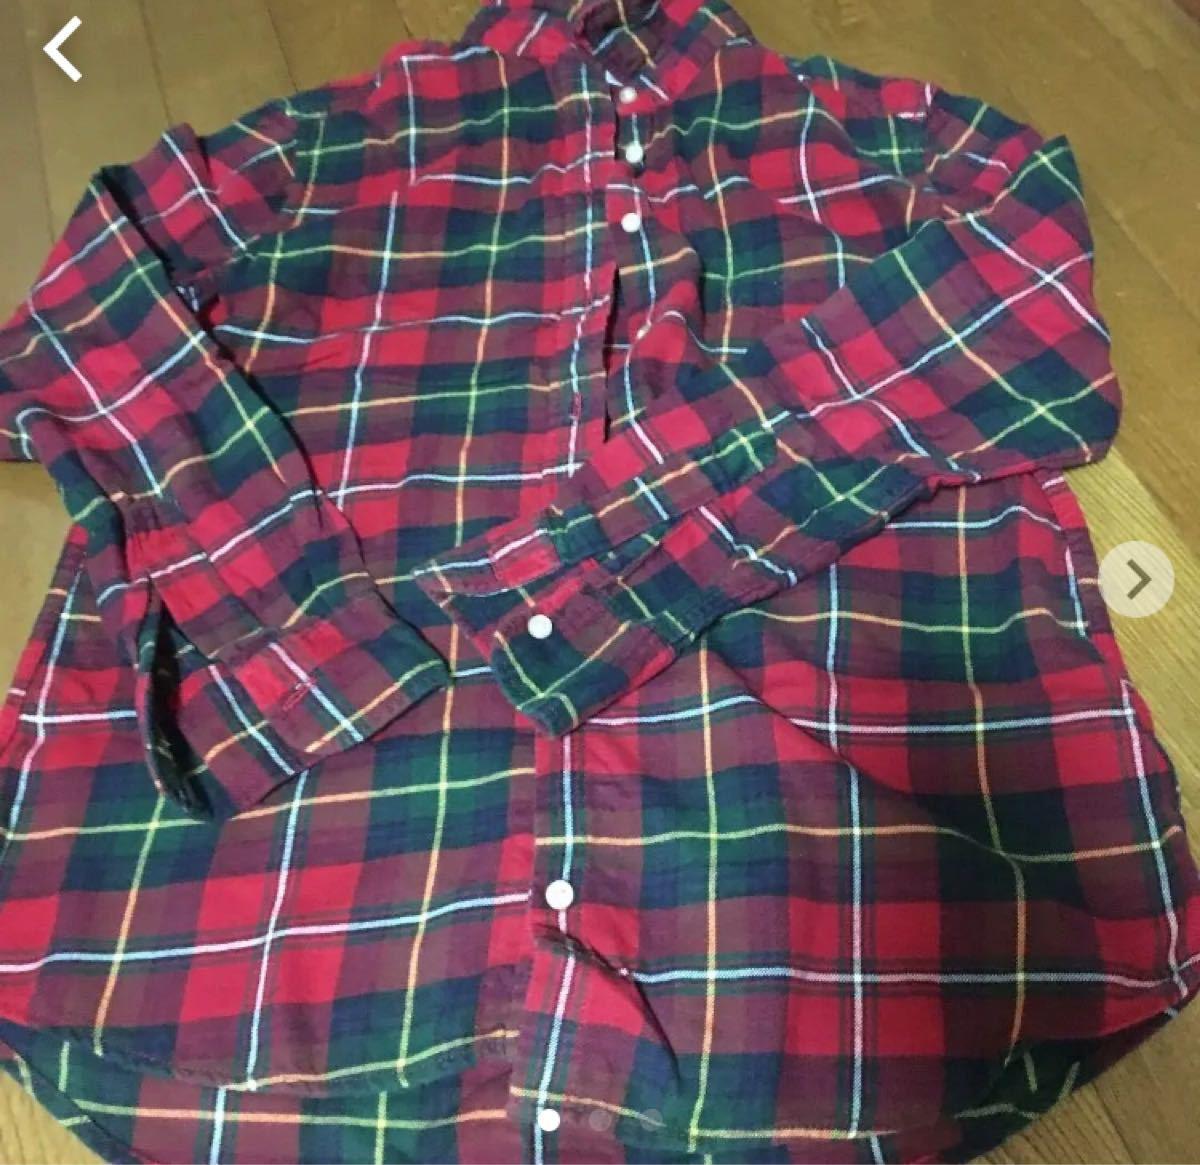 チェックシャツ 長袖シャツ ネルシャツ チェック柄